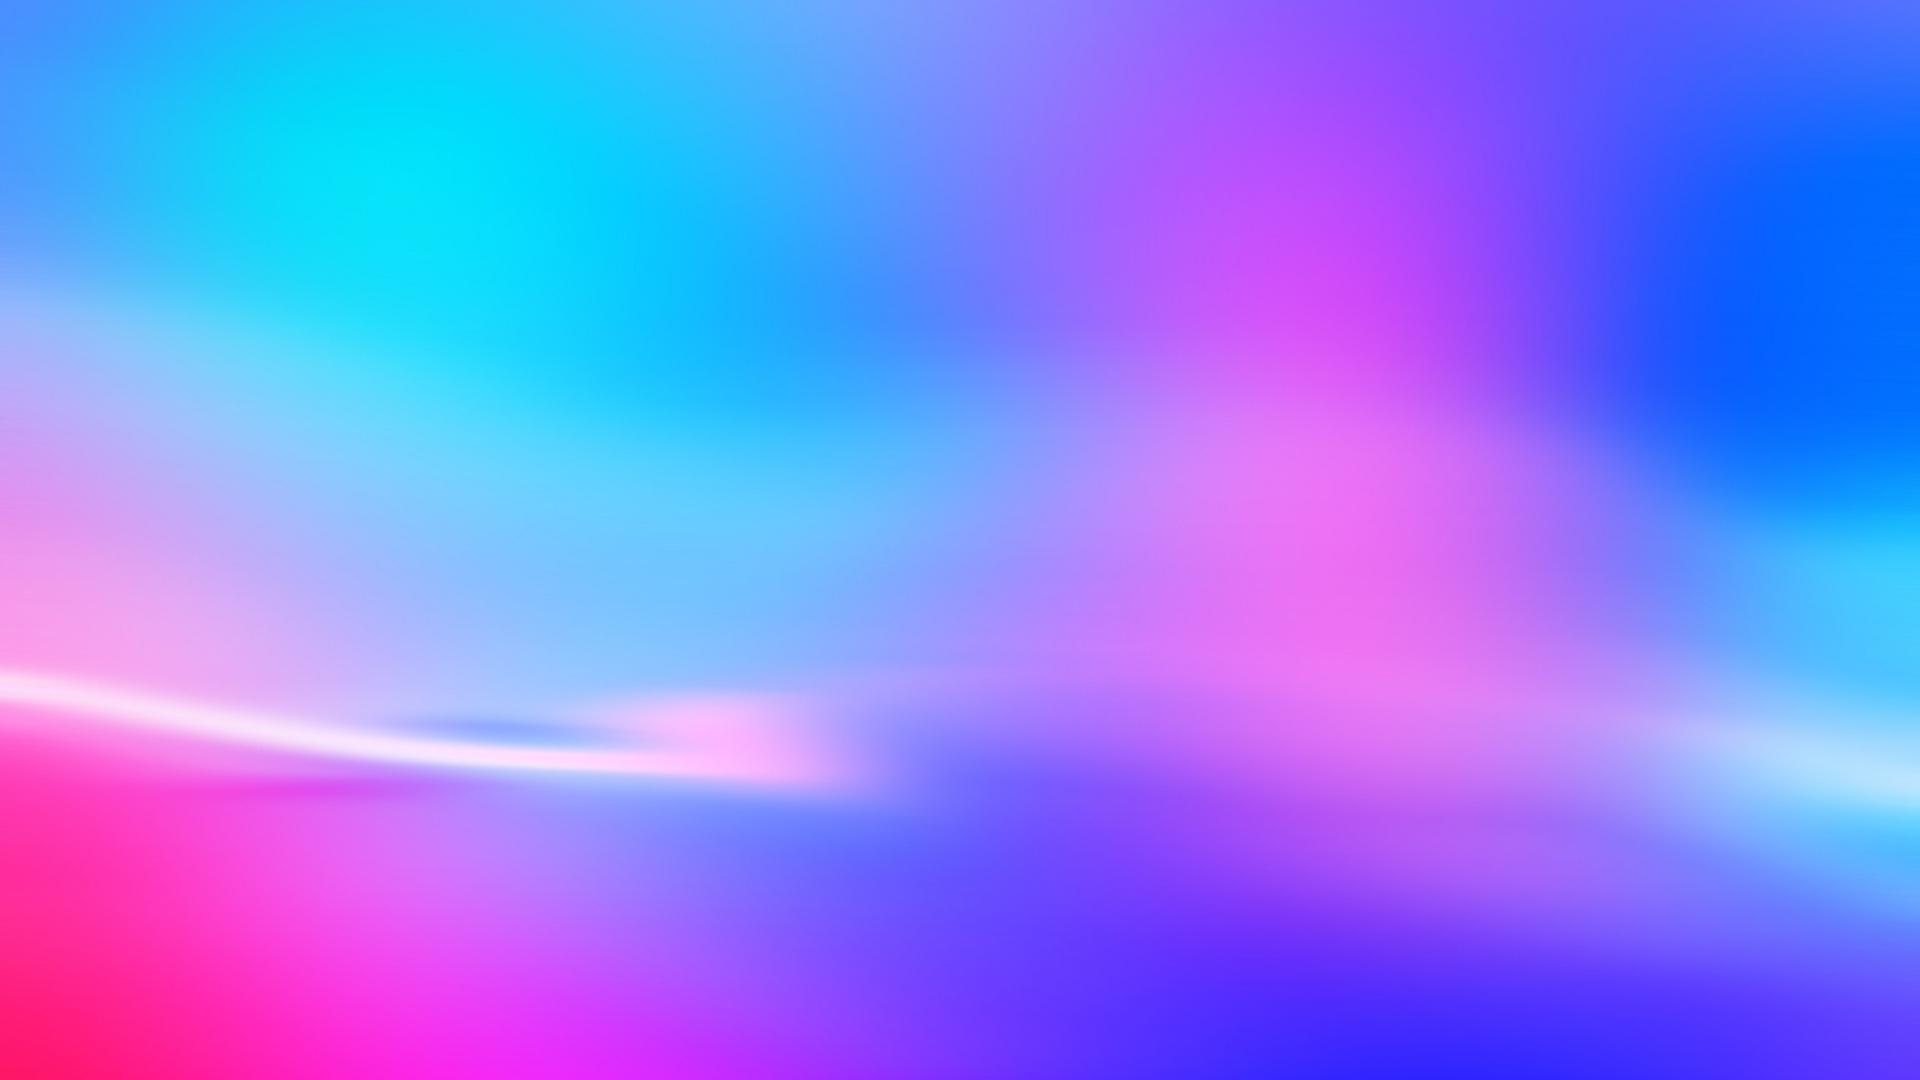 download wallpaper 1920x1080 spot light color paint